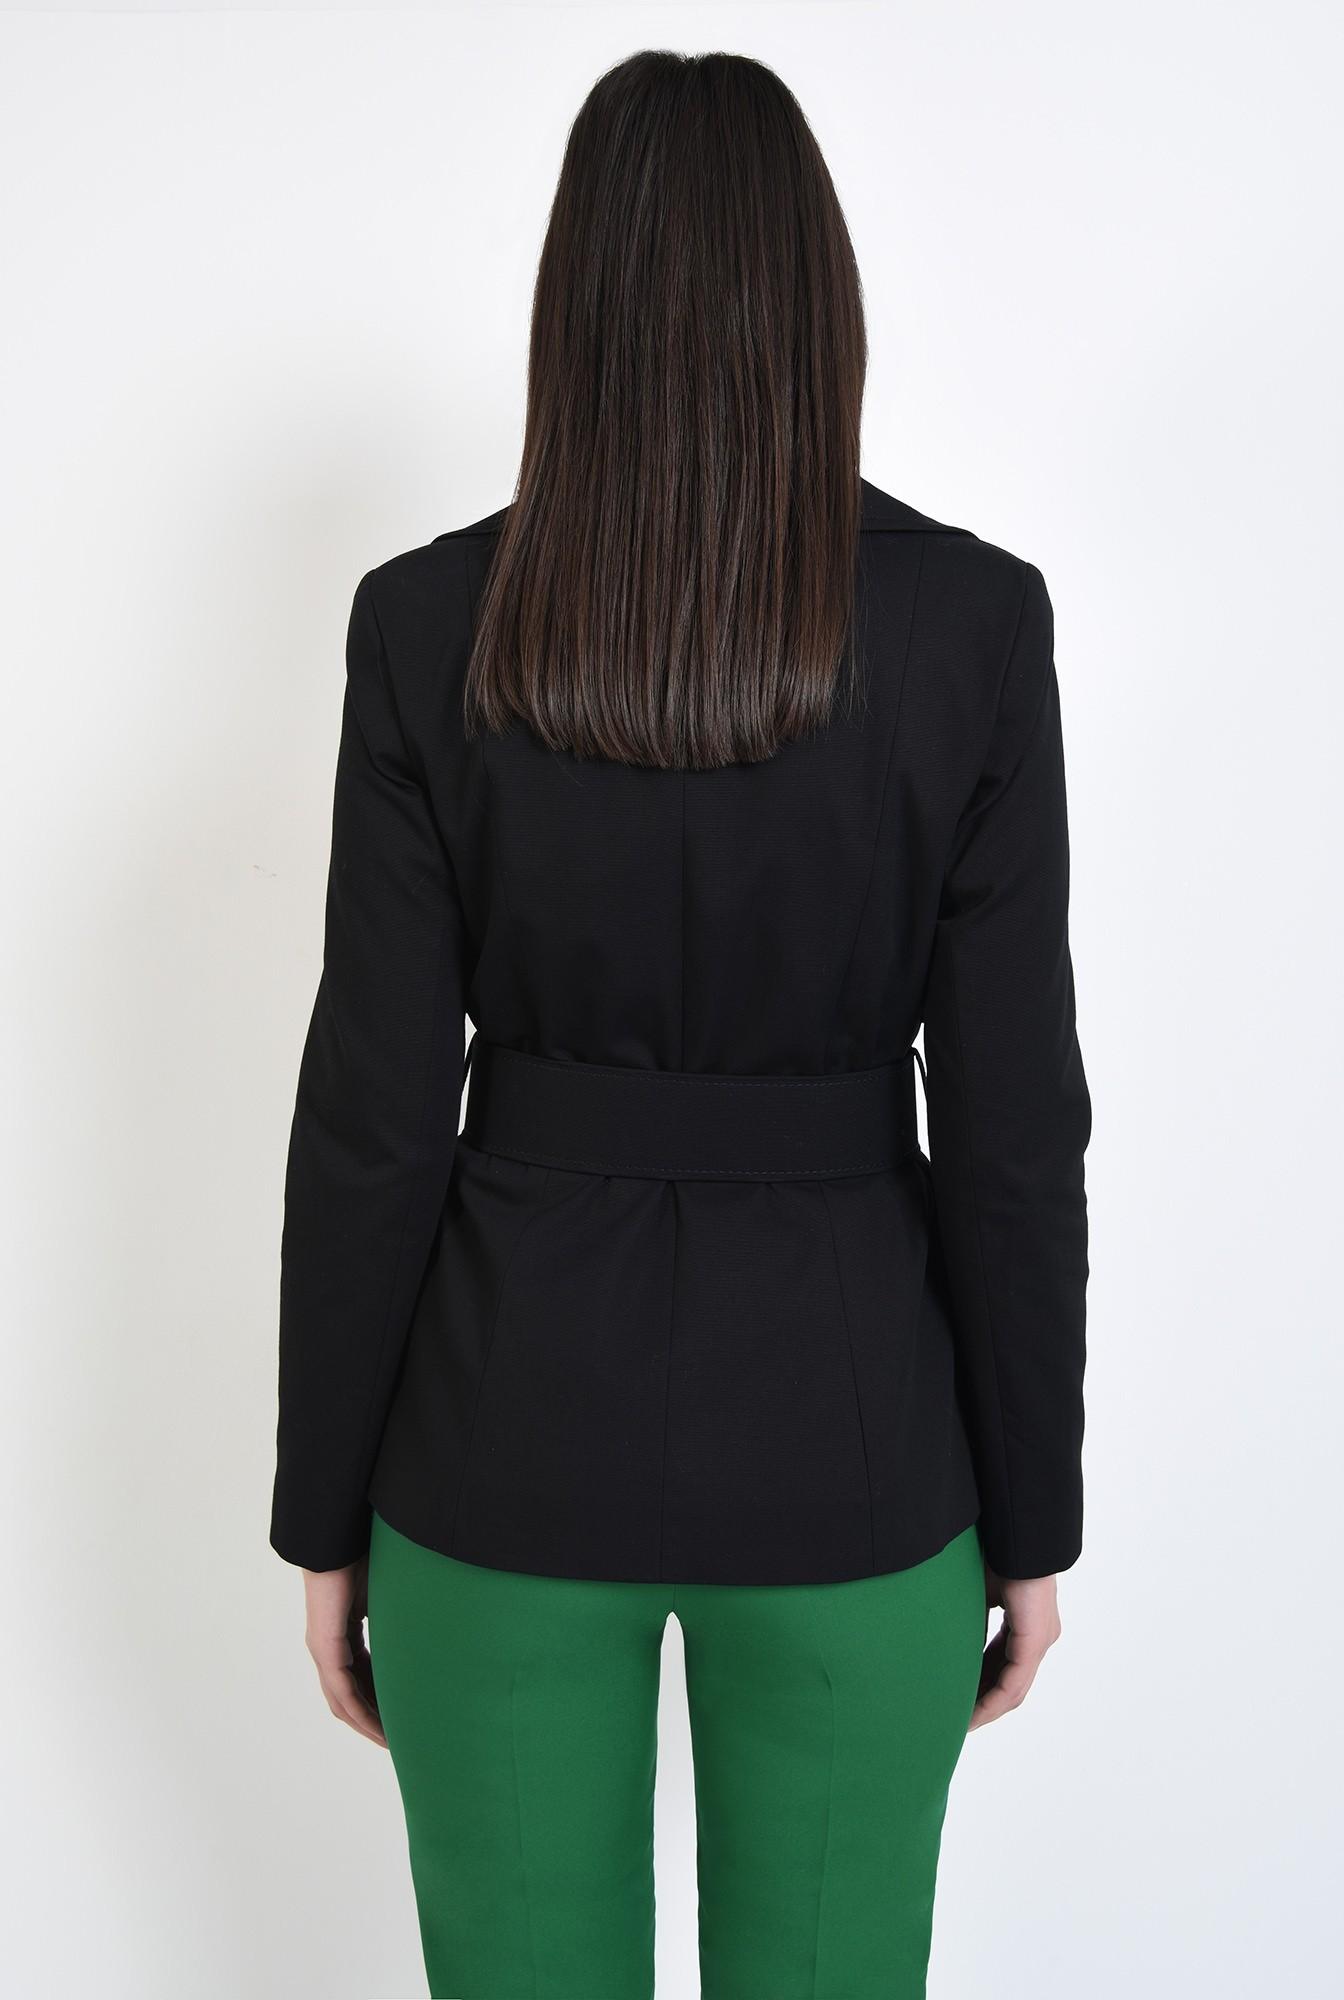 1 - jacheta neagra, scurta, cu centura, cu revere, Poema